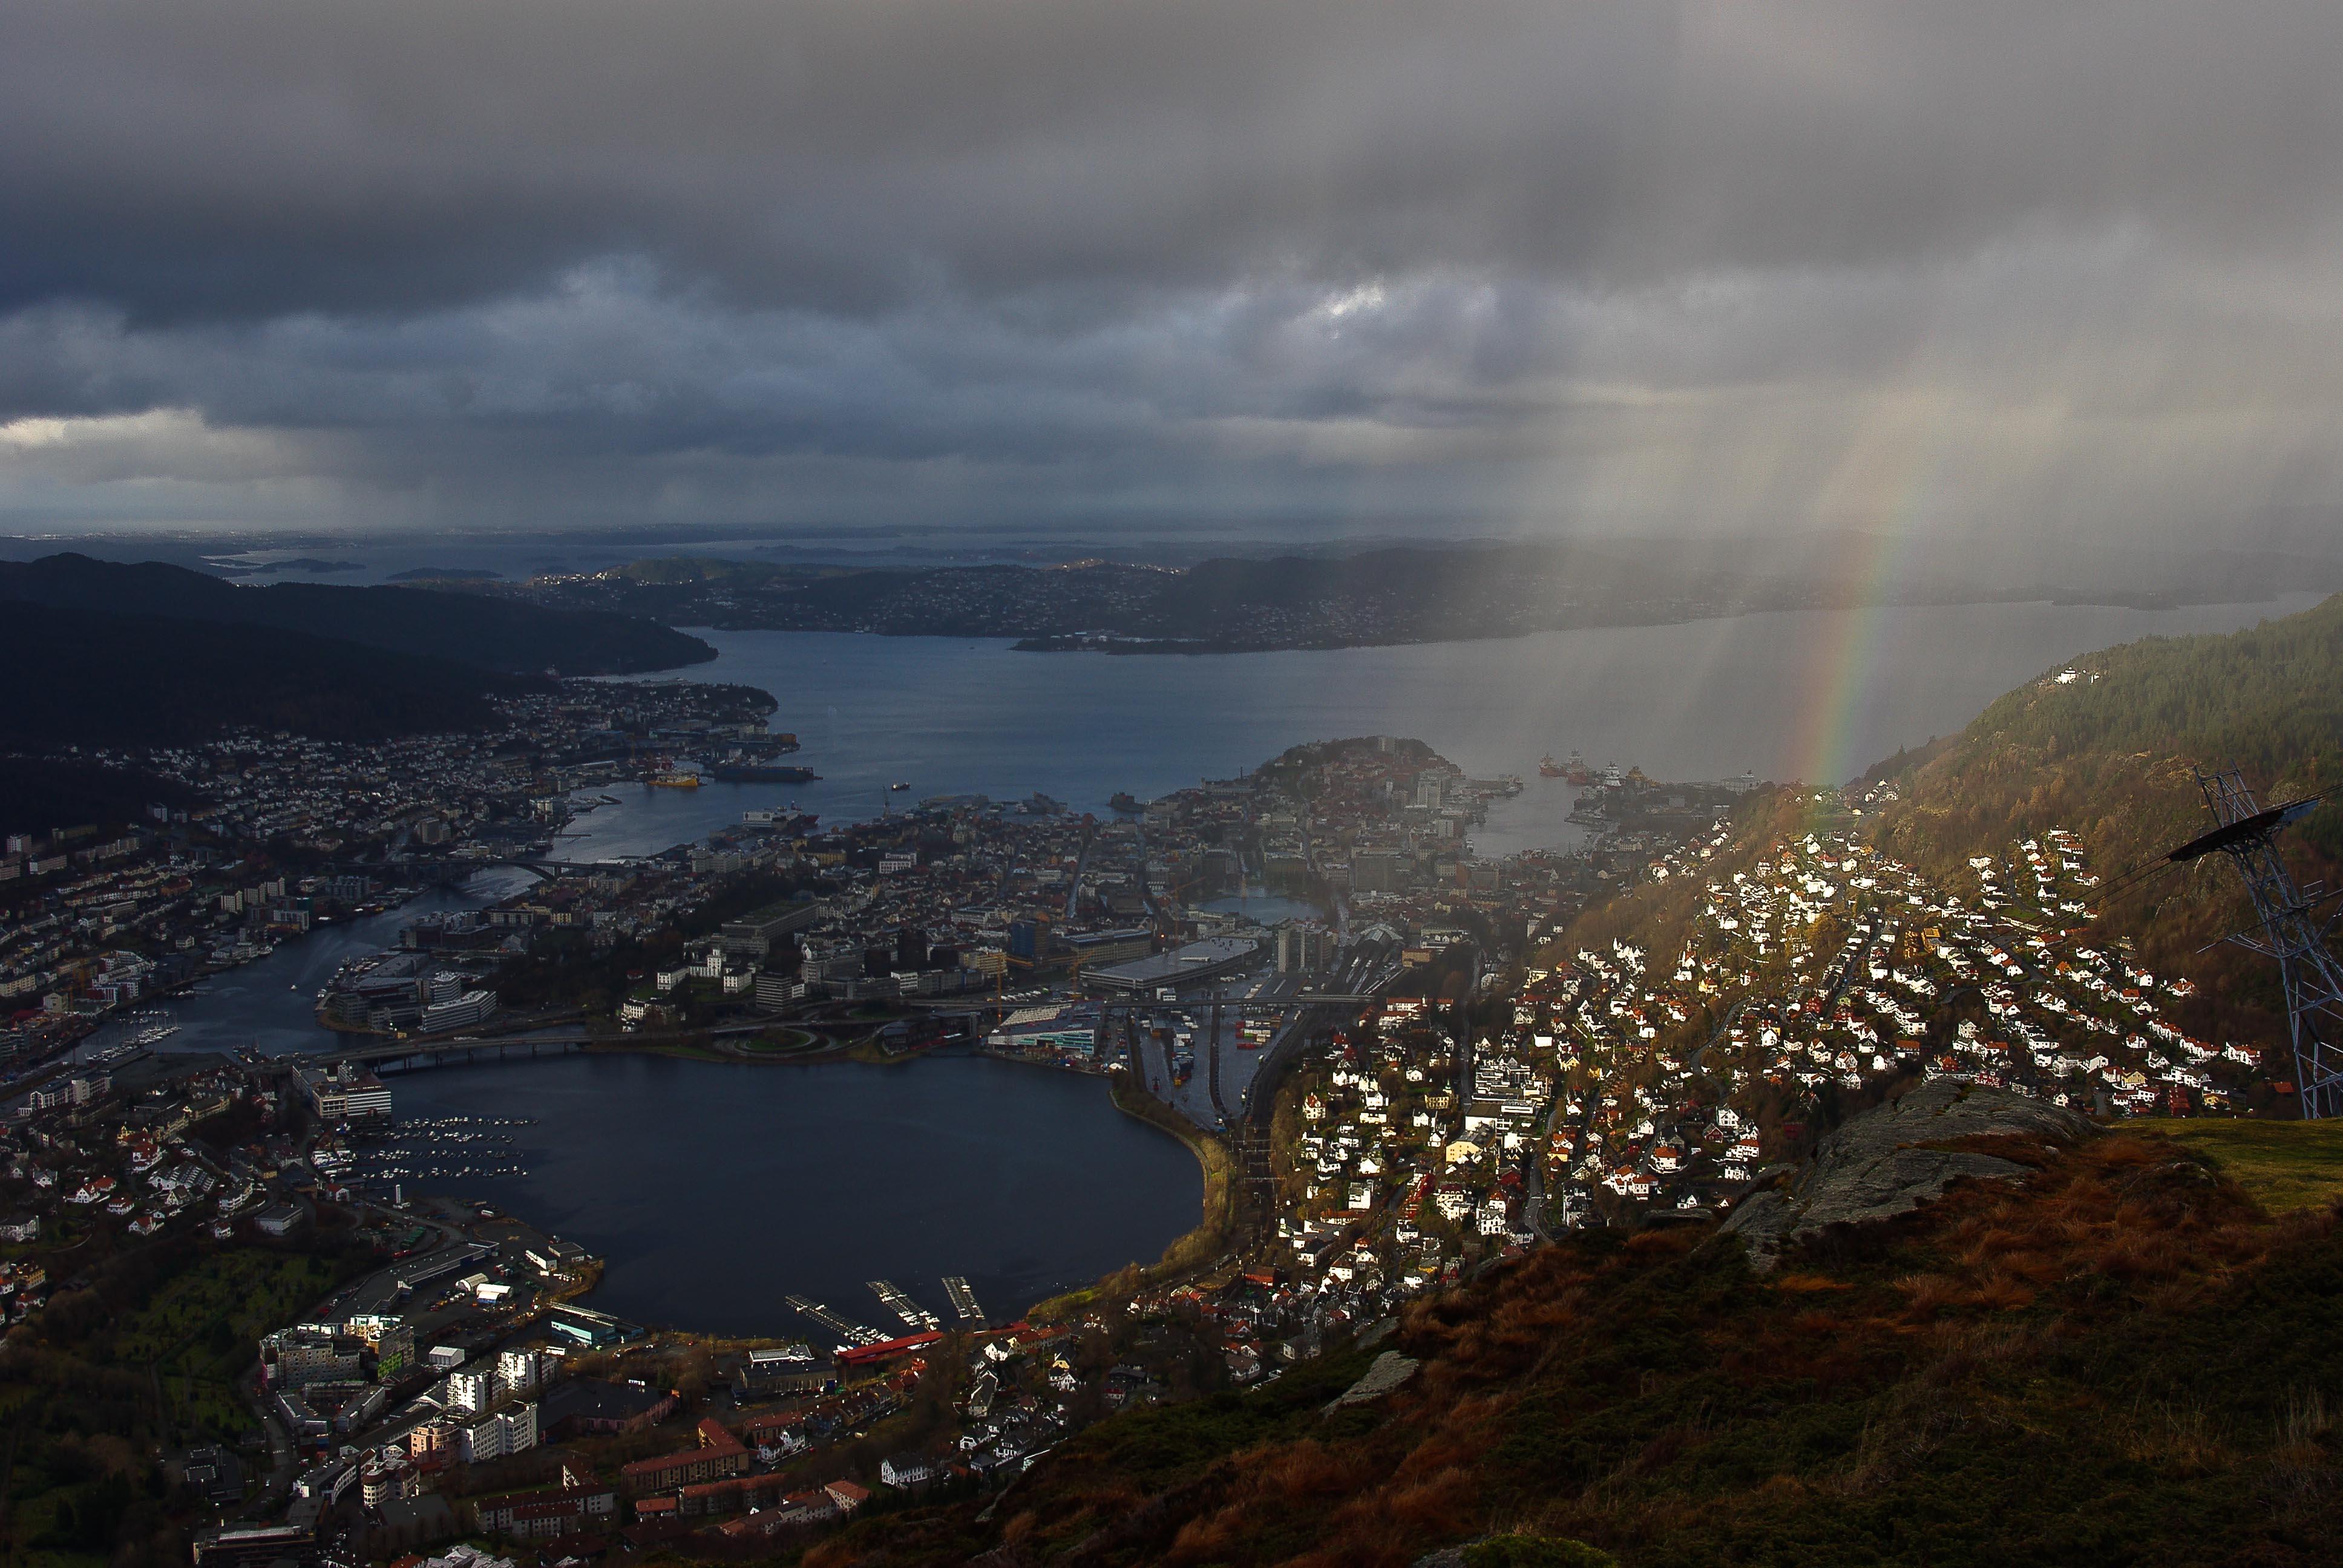 Norské rozmary počasí – během bylo možné zažít vše od slunce přes kroupy až po sníh, autor: Lukáš Marek